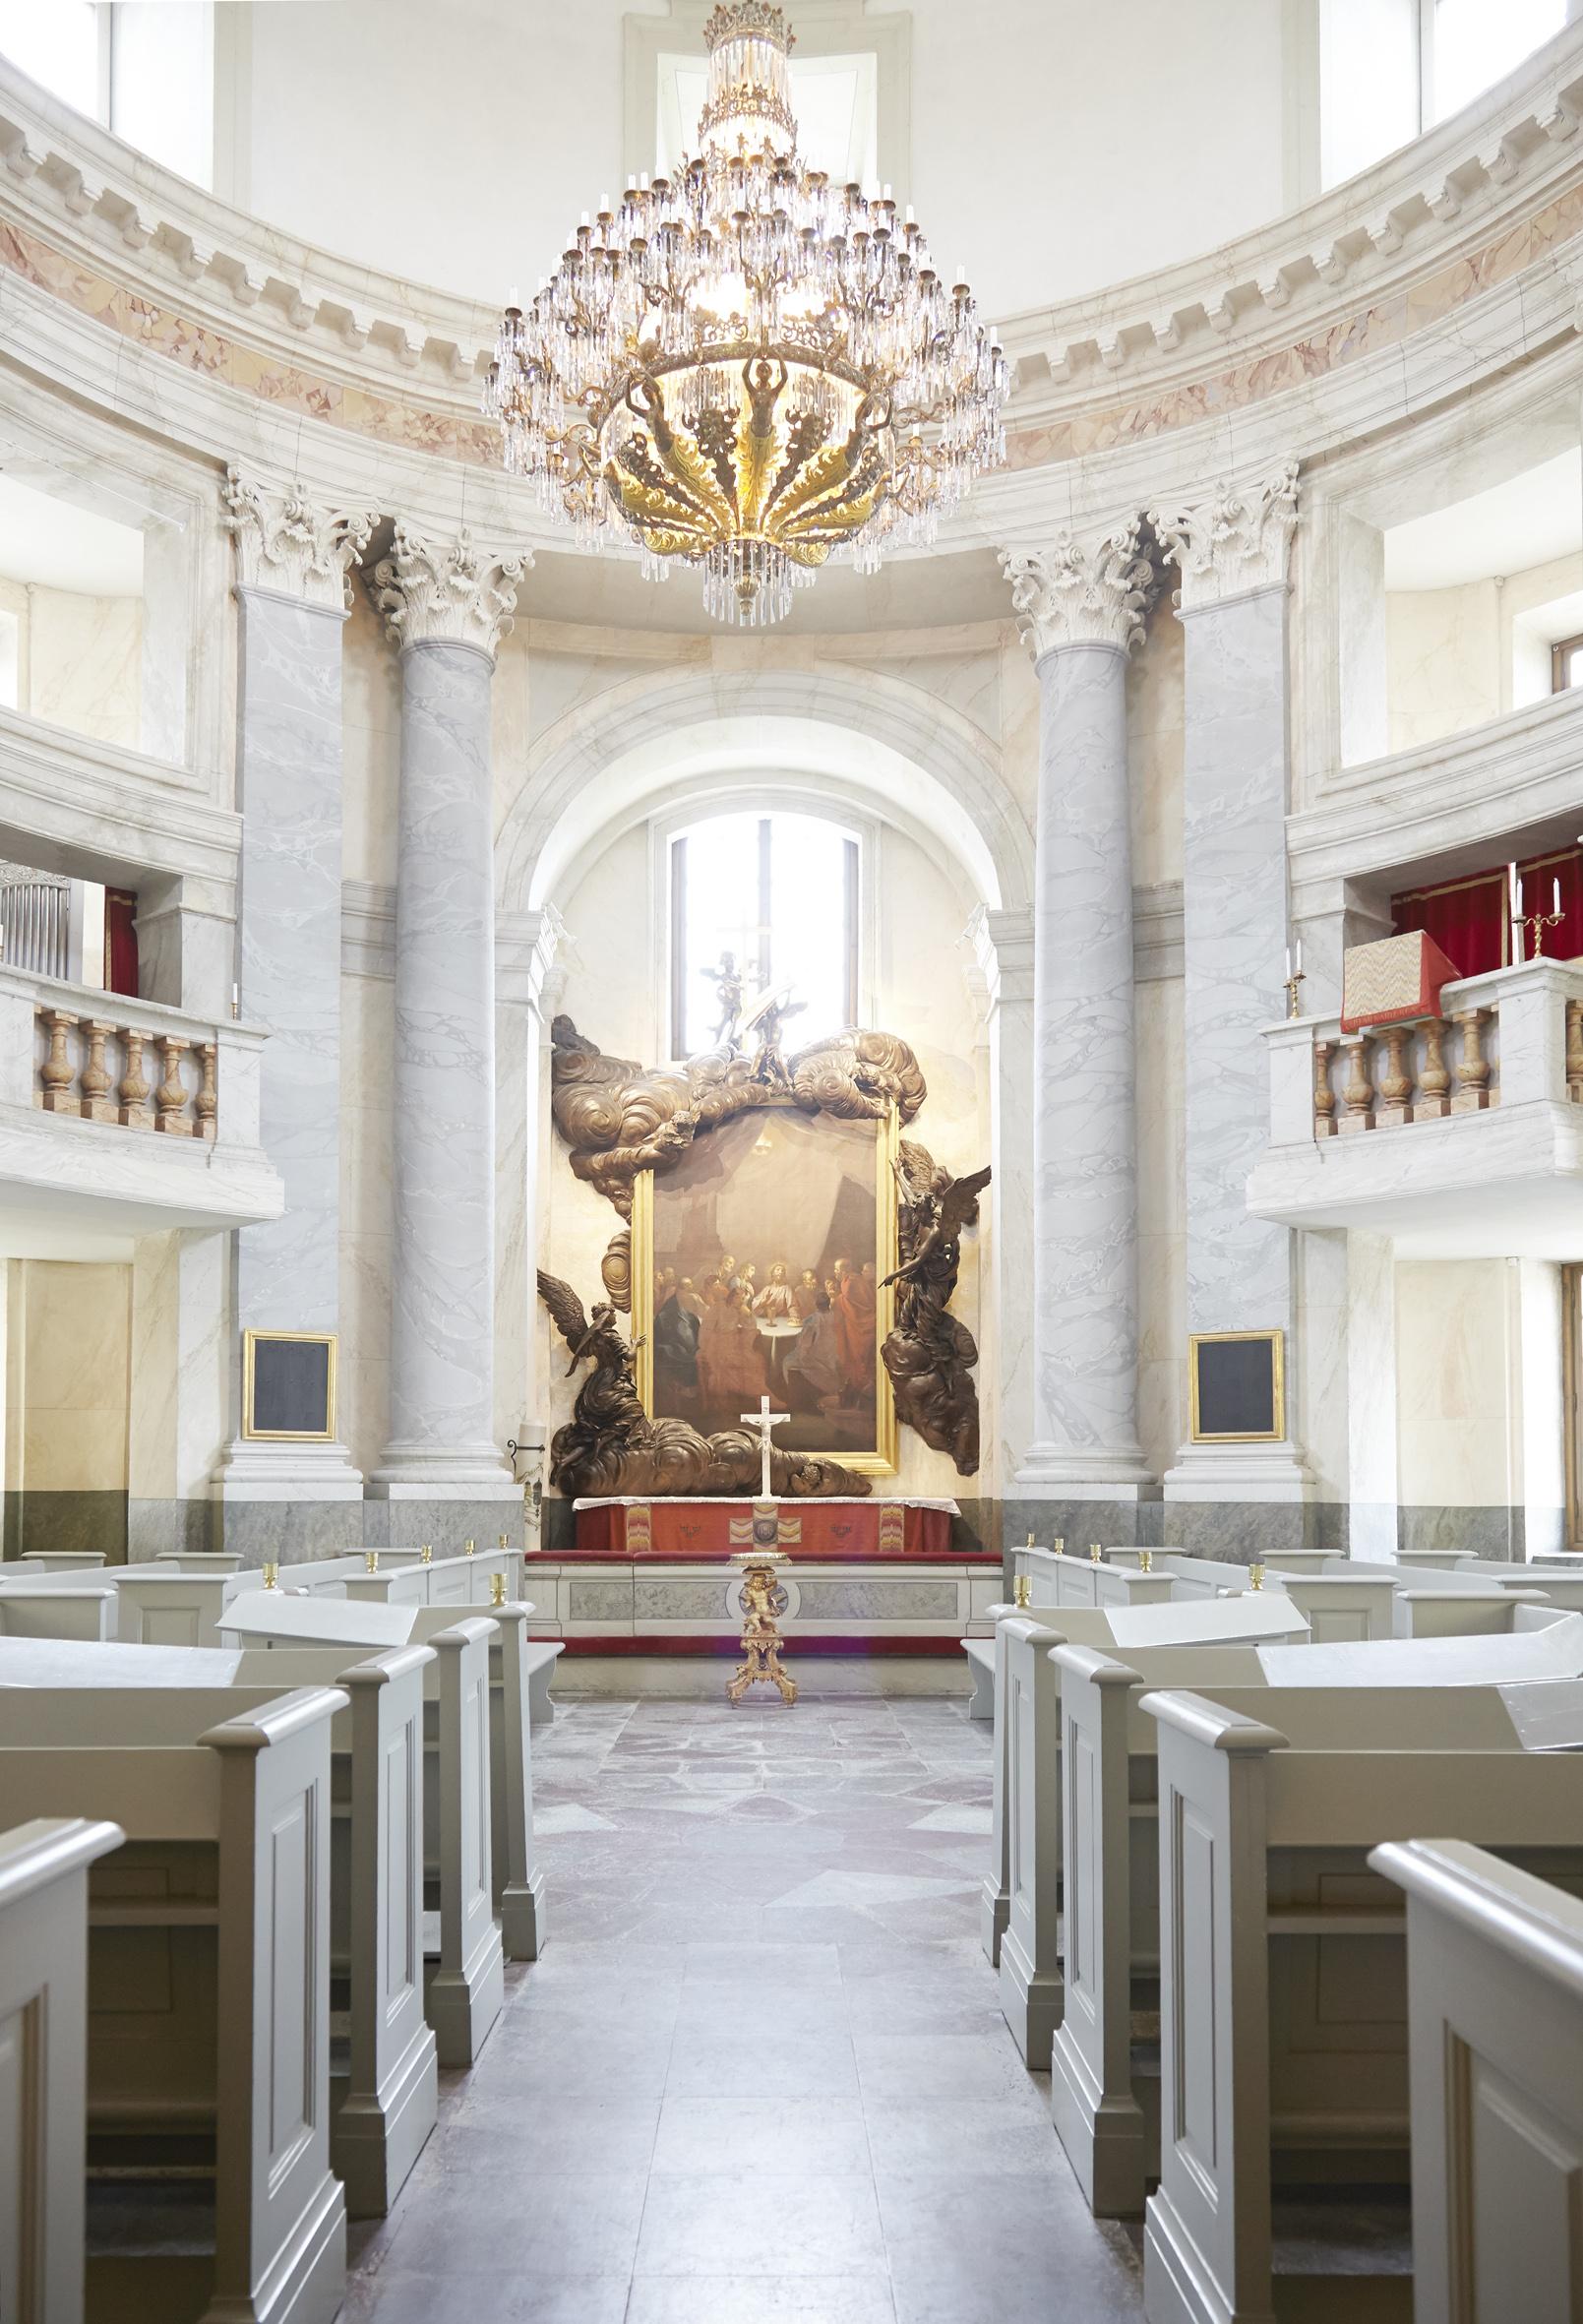 Die wunderschöne Schlosskirche wurde in die Liste des Weltkulturerbes der UNESCO aufgenommen   Foto: Anna-Lena Ahlström, kungahuset.se